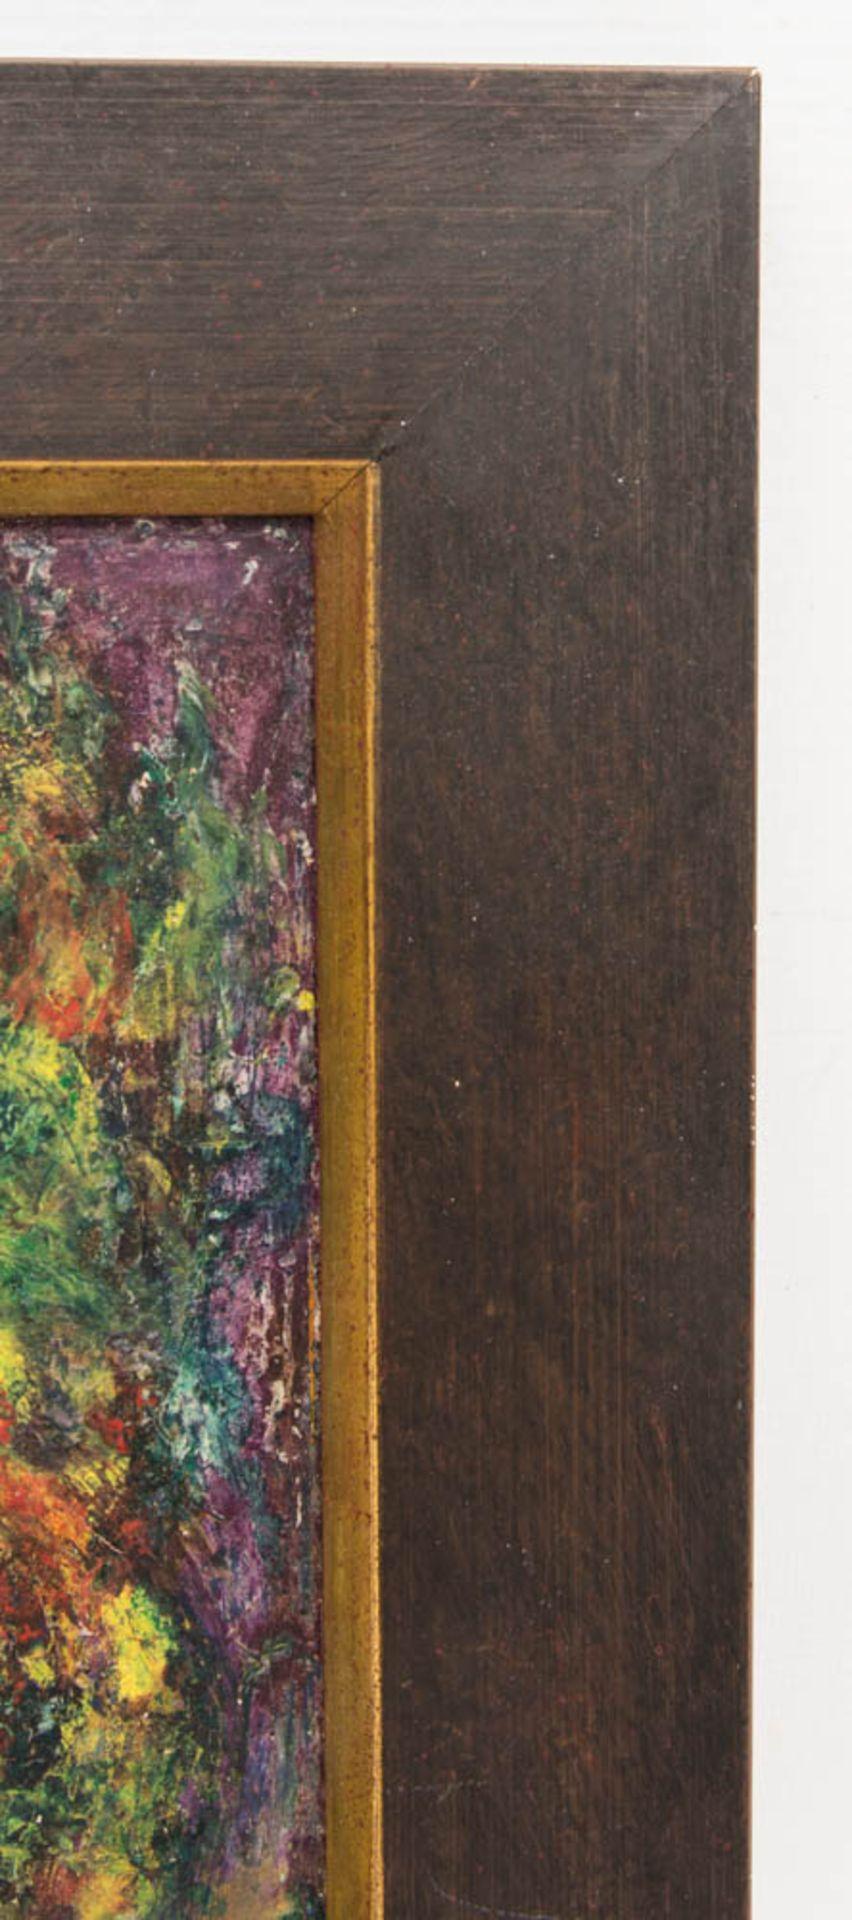 Abstrakte Komposition, Mischtechnik auf Platte 21. Jh. - Bild 4 aus 5